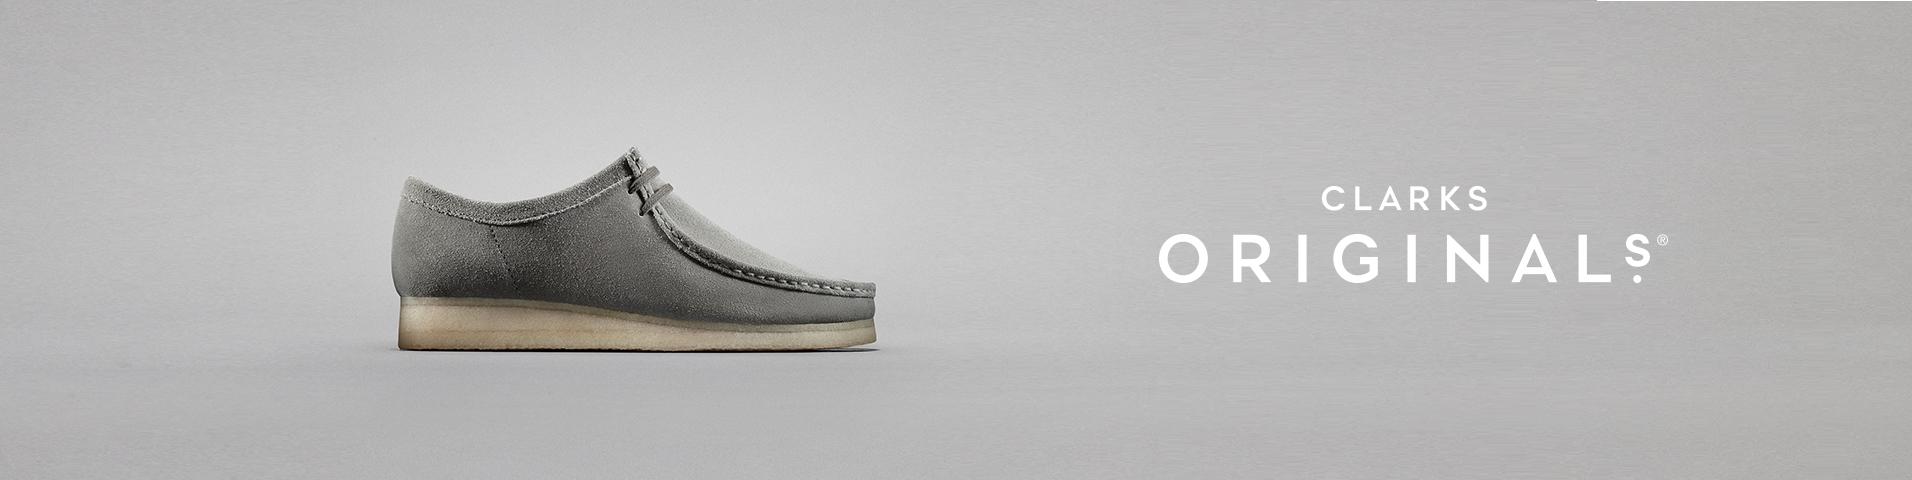 Sneakers alte da uomo Clarks Originals | La collezione su